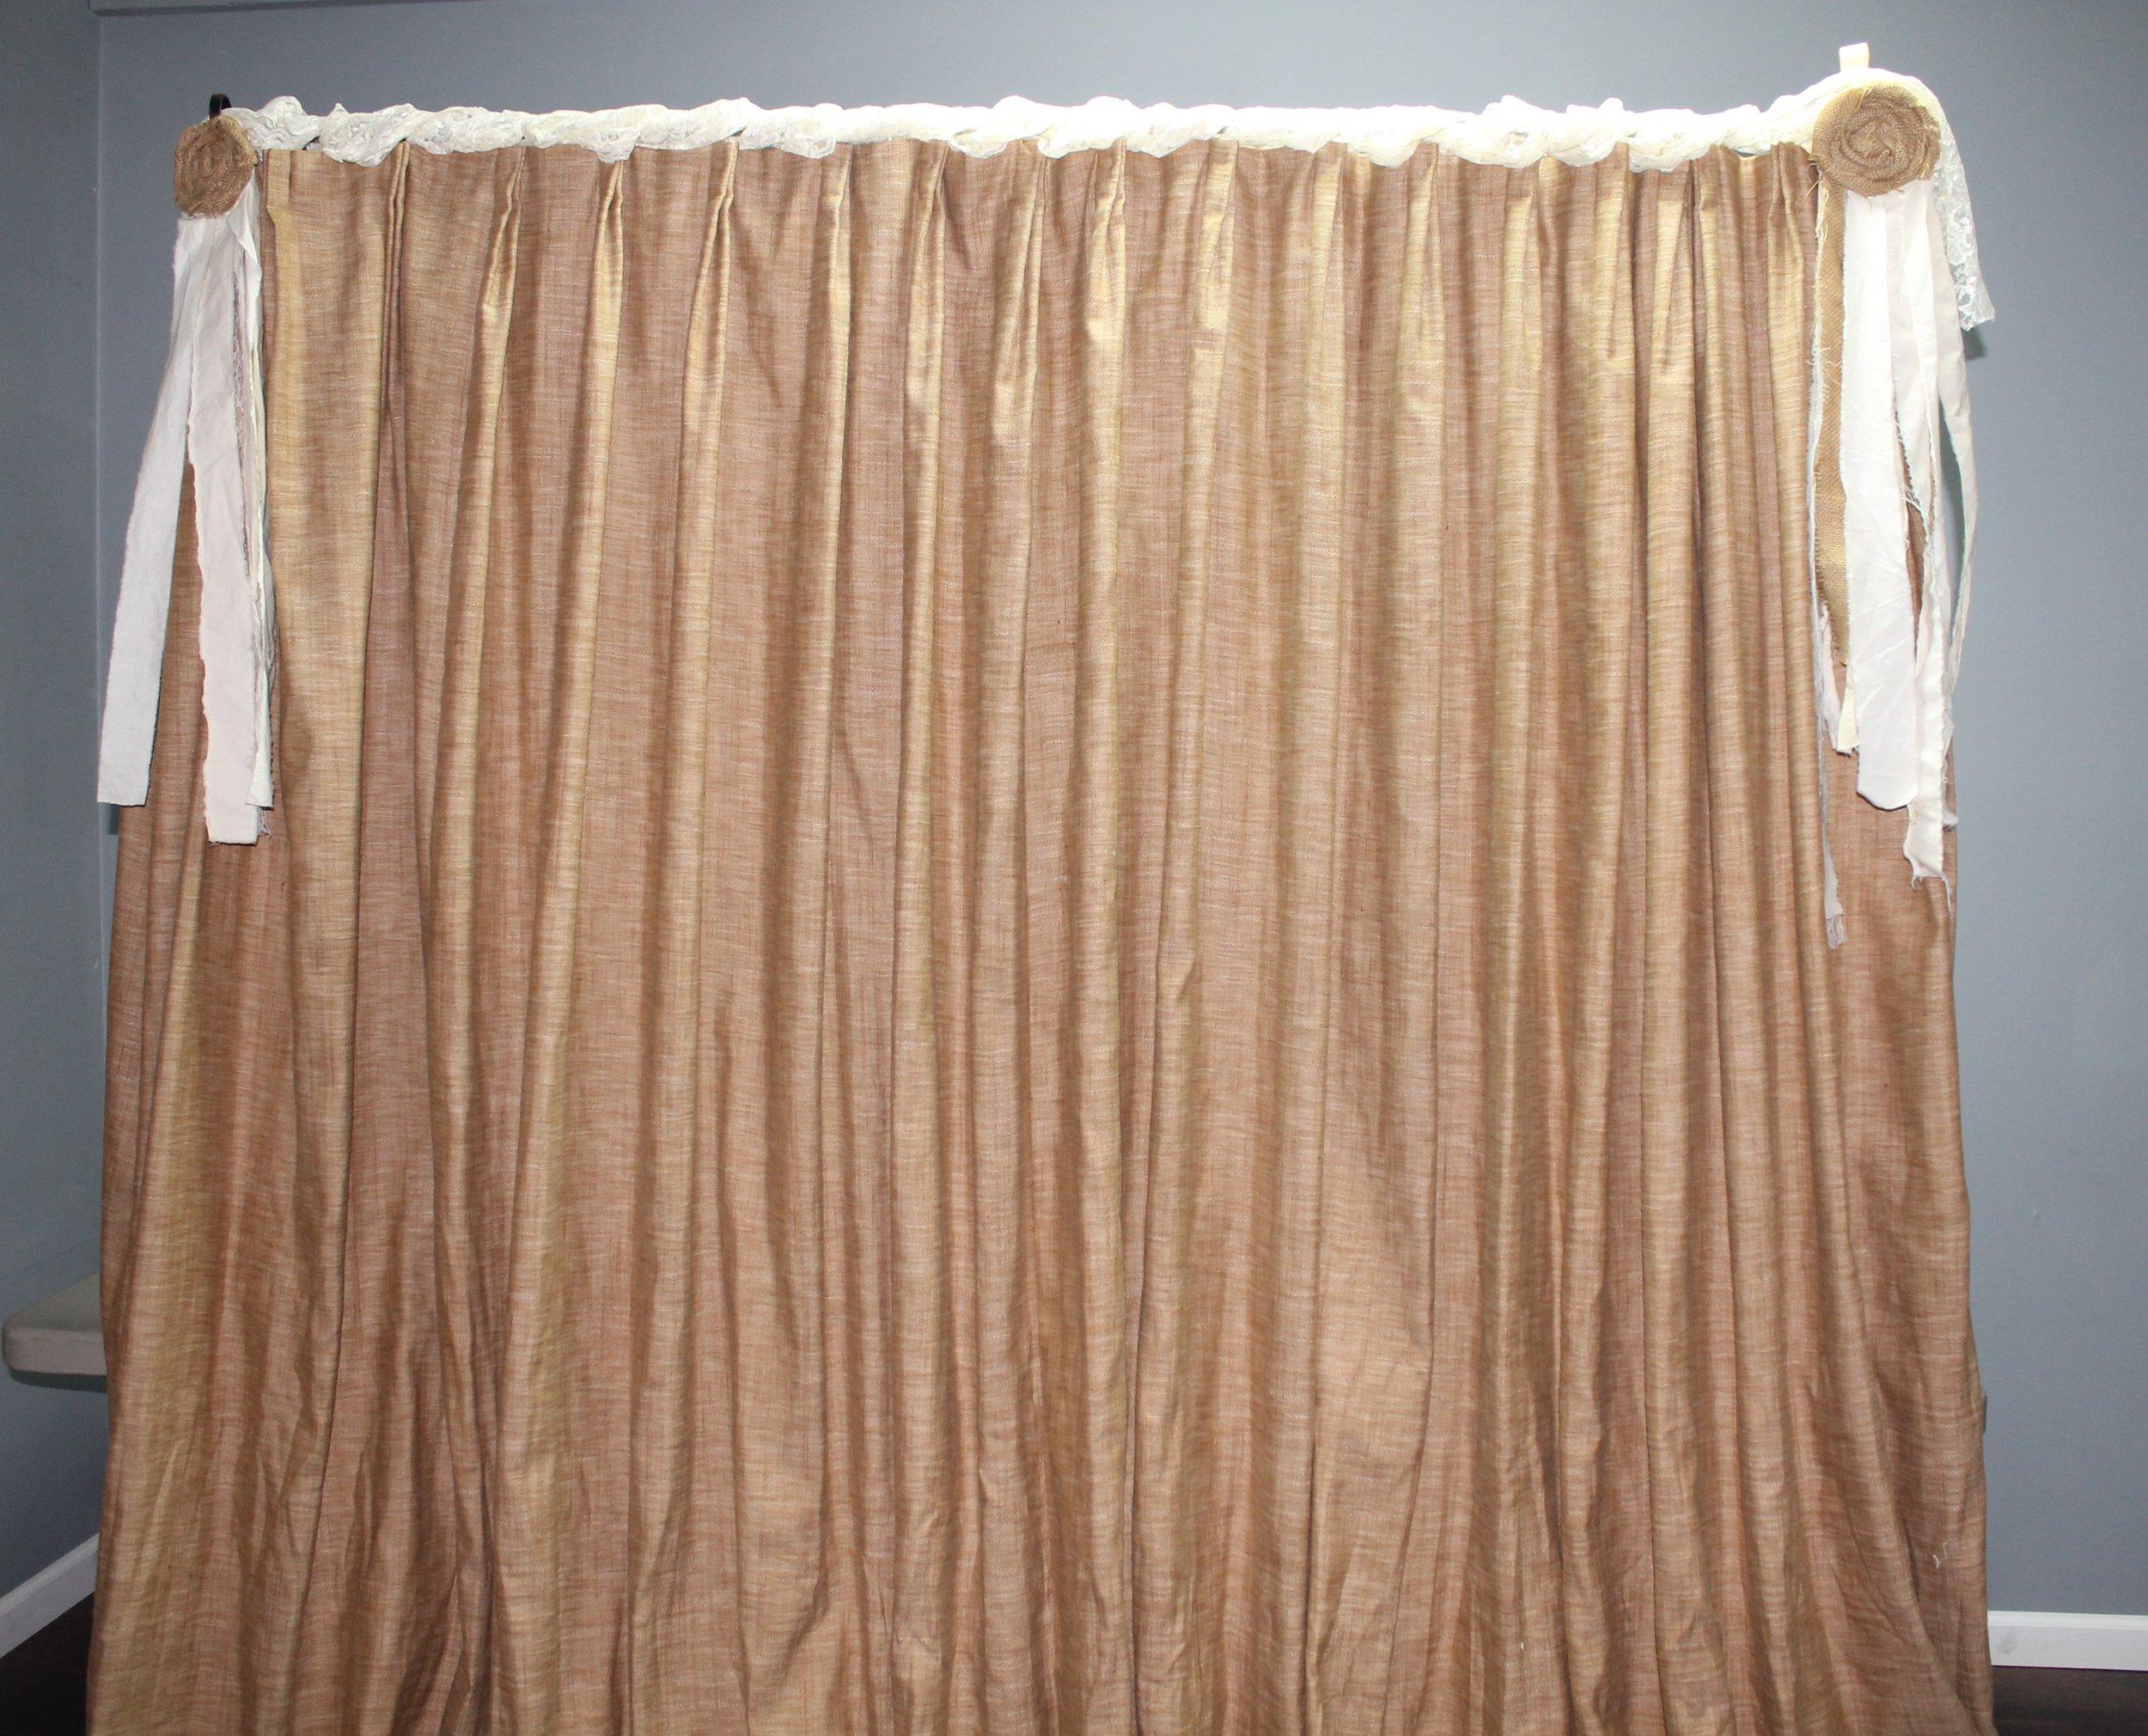 Burlap Curtain Backdrop